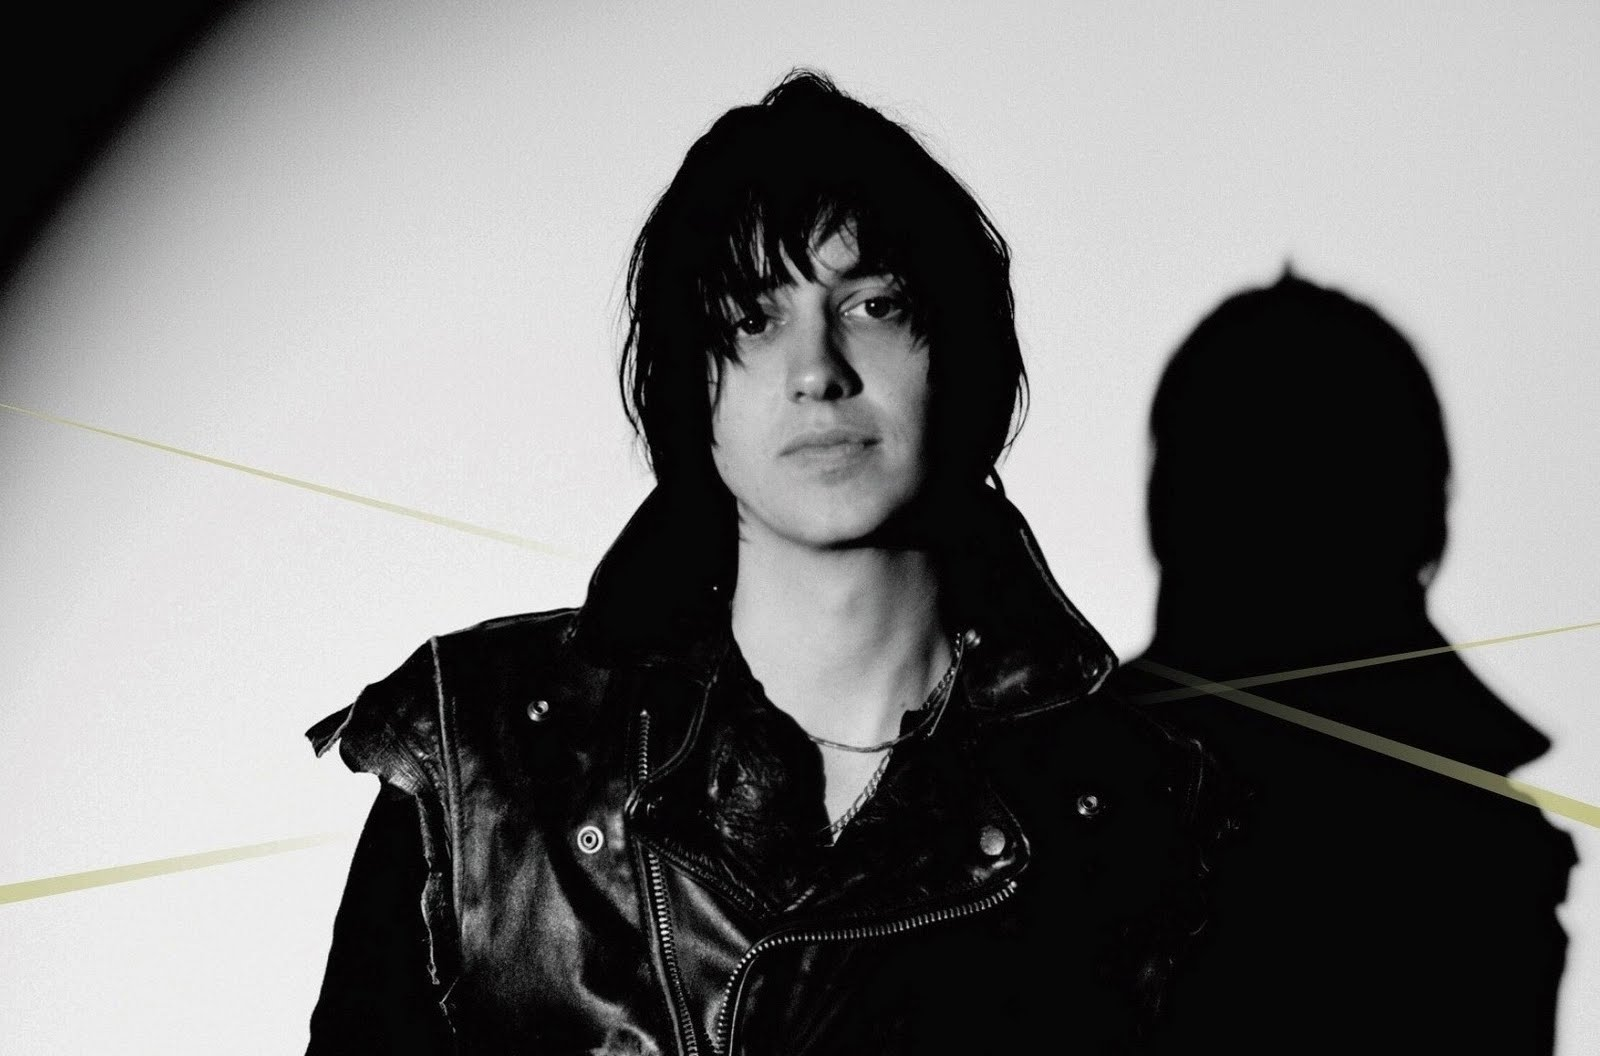 Julian-Casablancas-The-Strokes